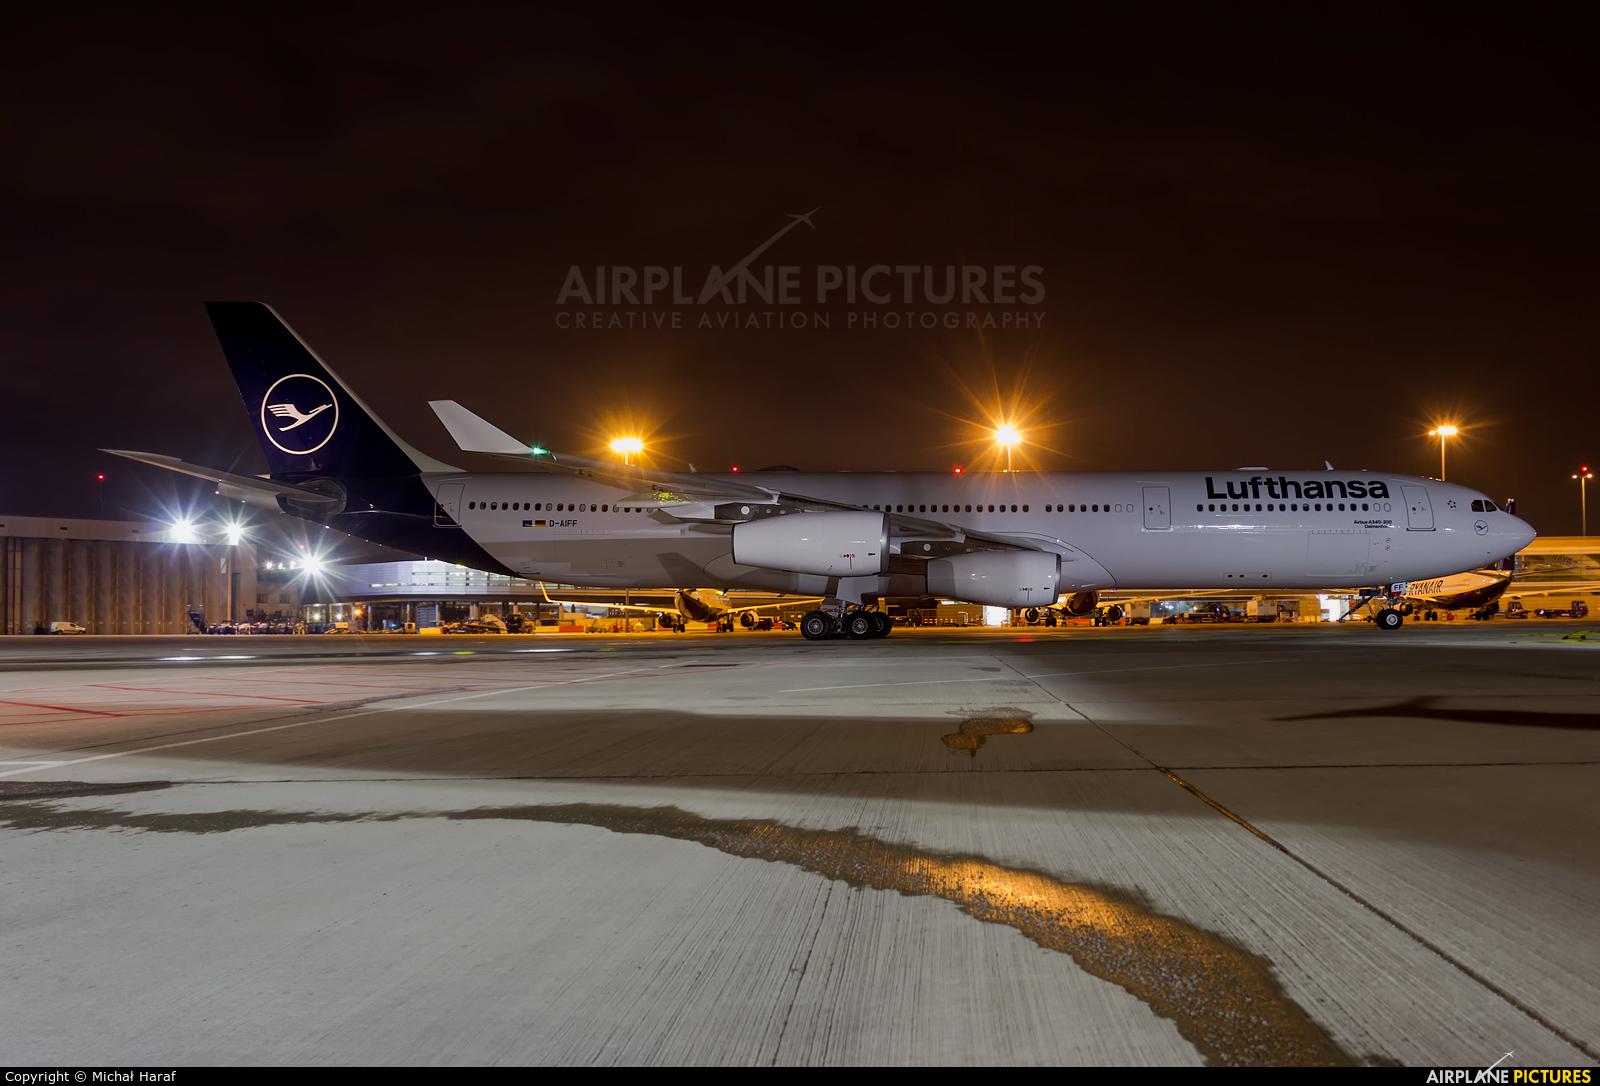 Lufthansa D-AIFF aircraft at Dublin